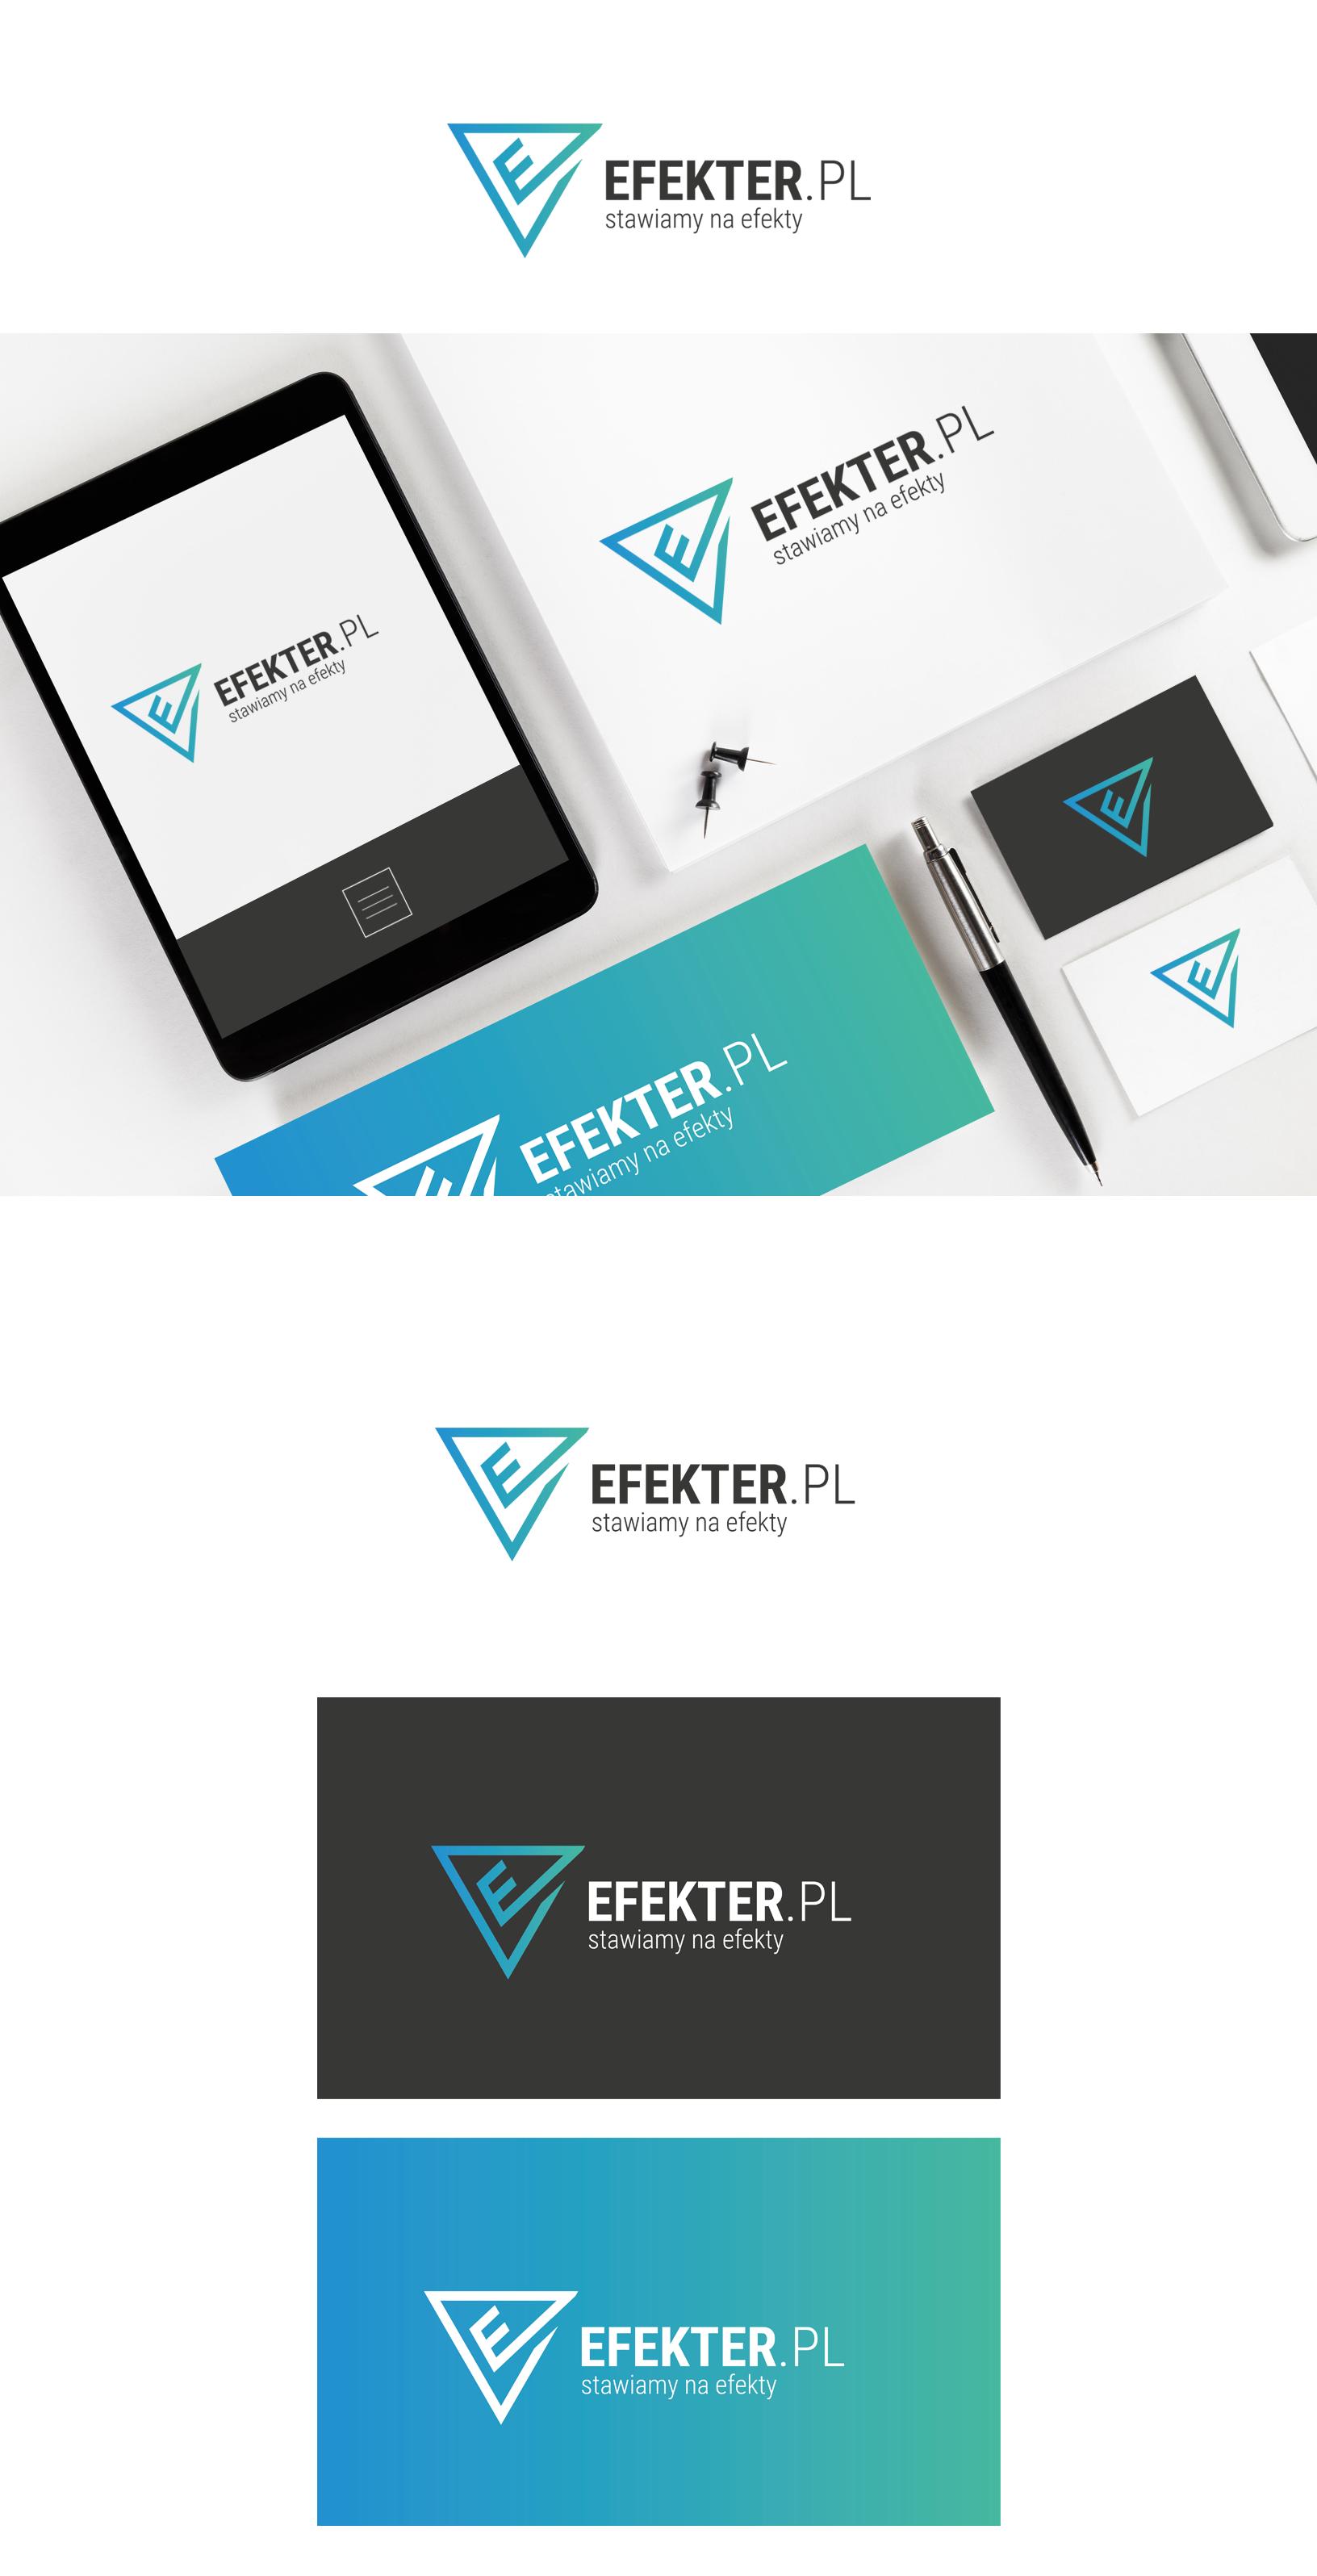 efekter prezentacja logo